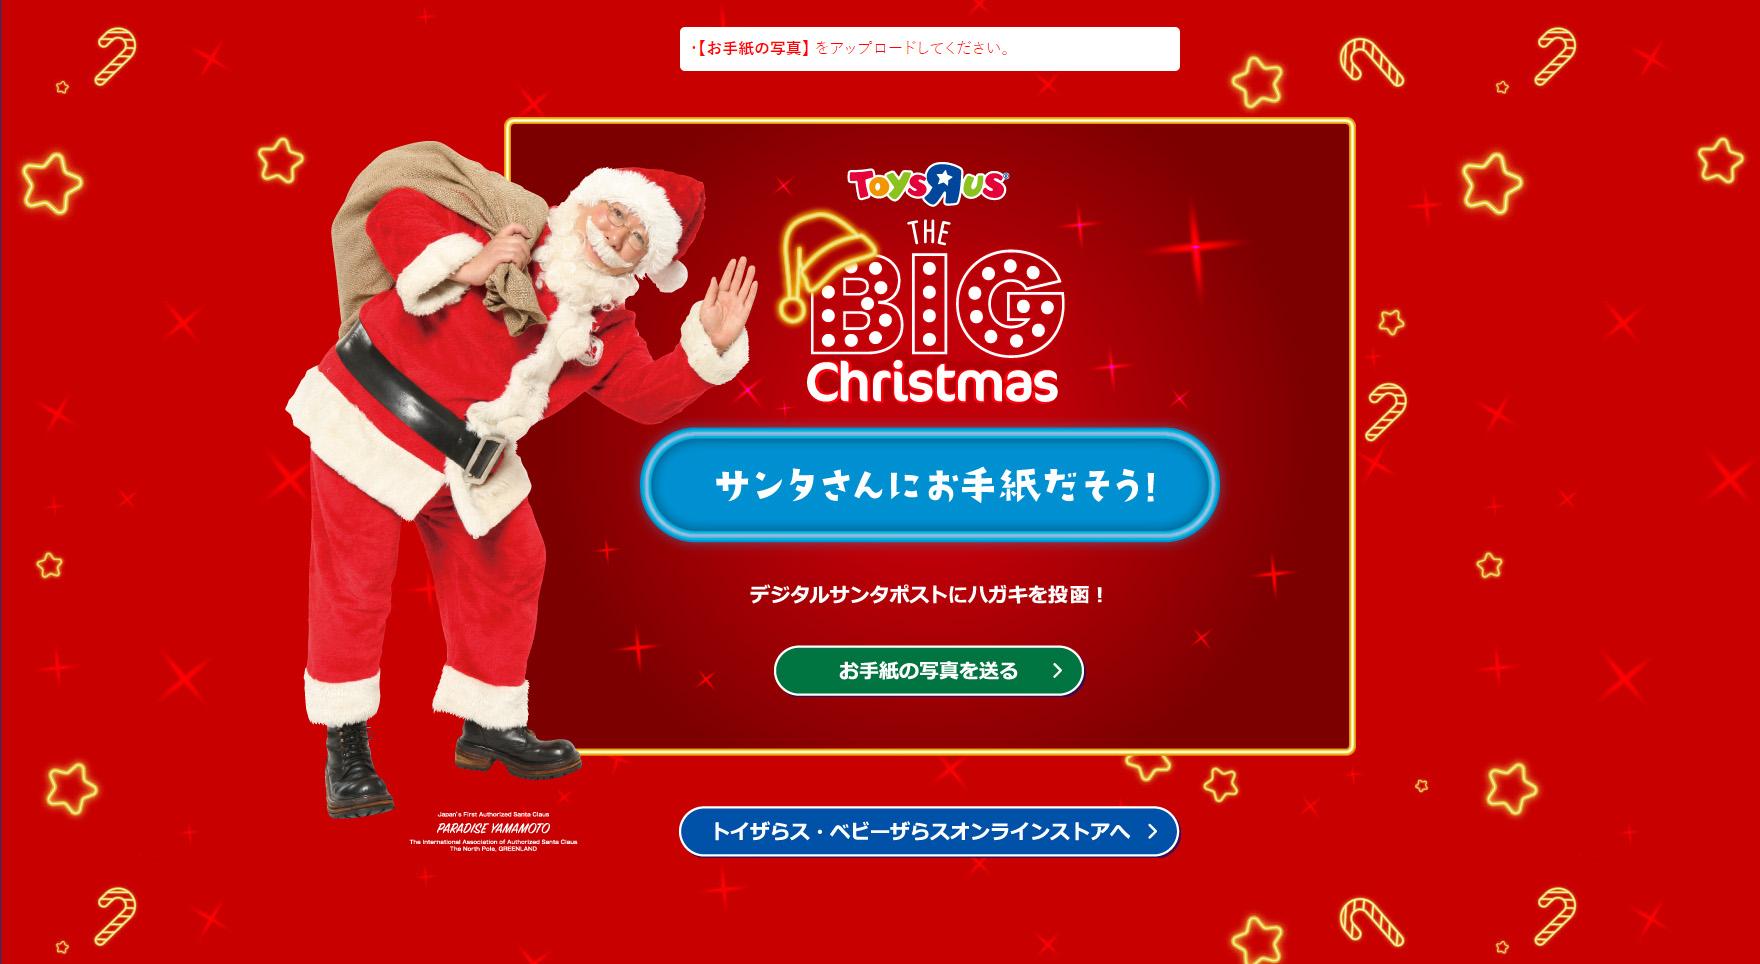 サンタに手紙を出そう!トイザらスのサンタポスト11月6日(金)から全店に設置:デジタルもあり(2020)